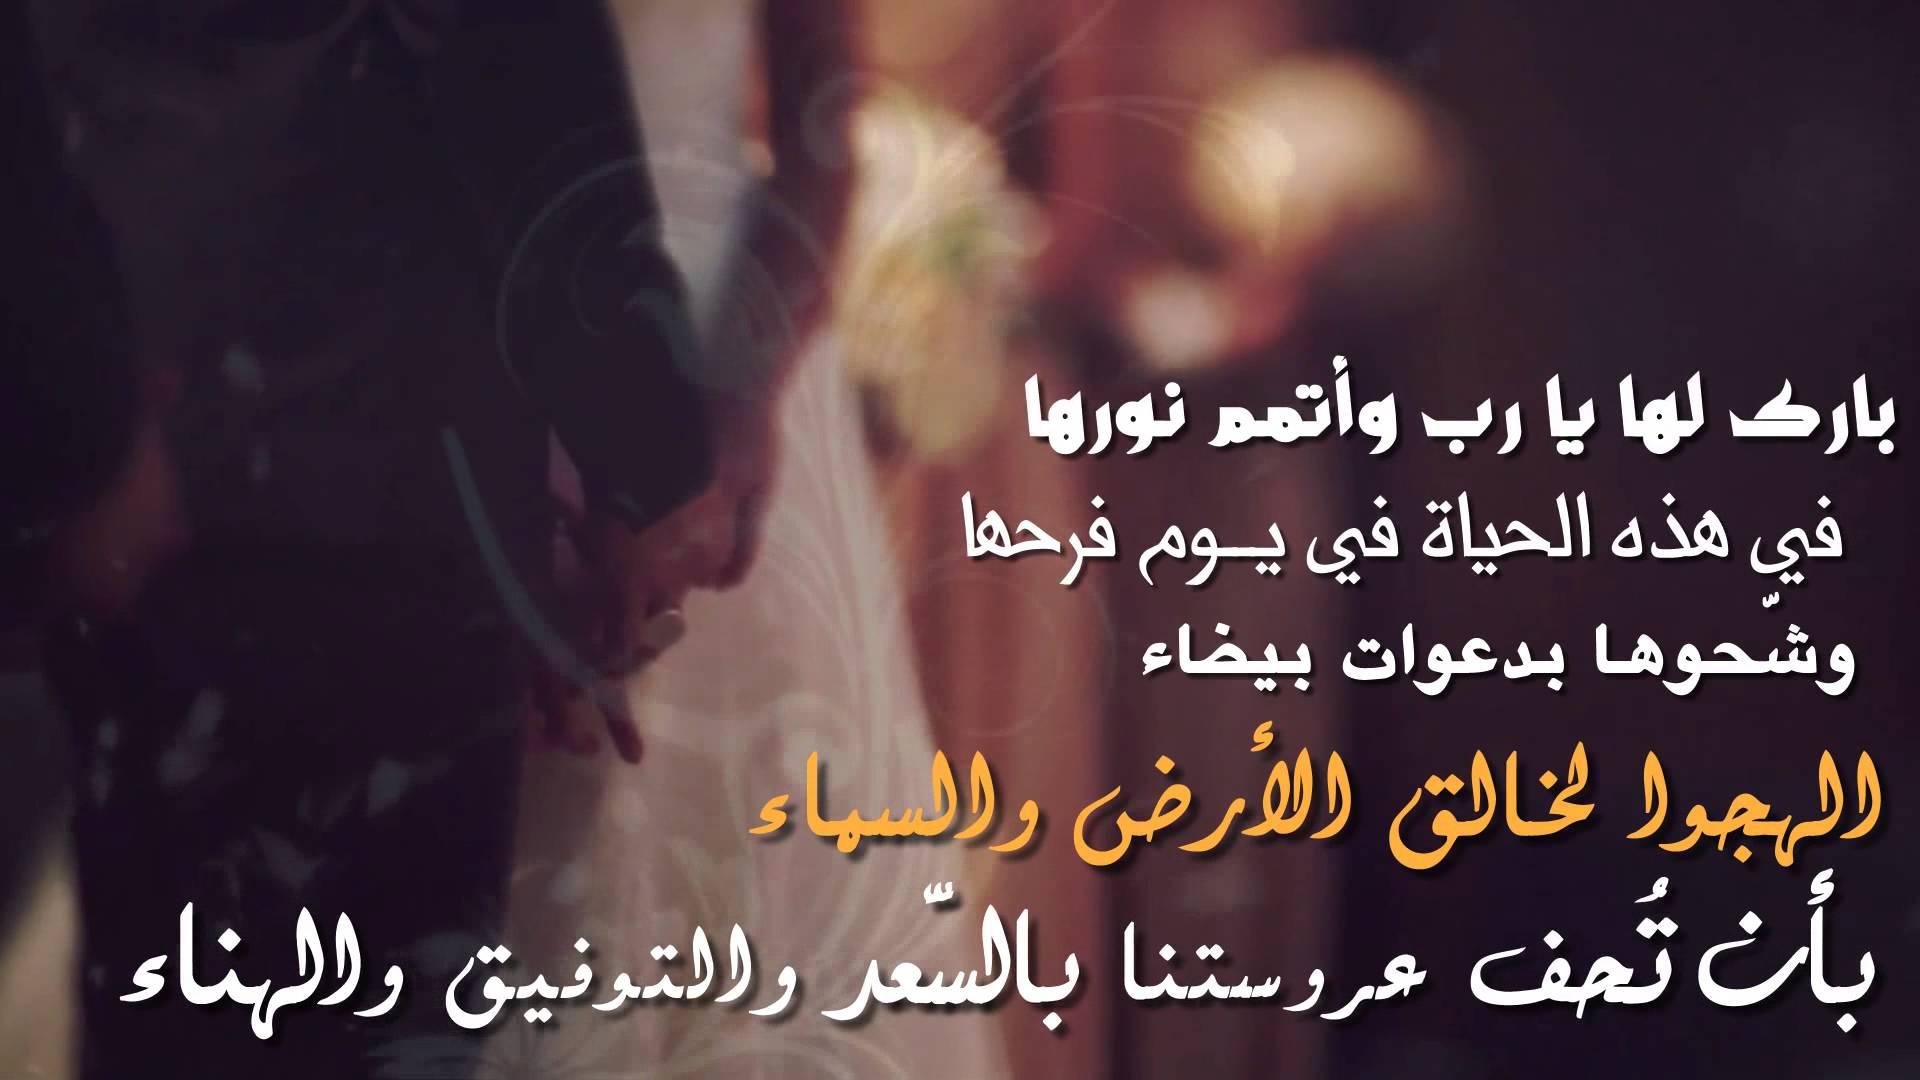 بالصور عبارات تهنئة للعروس من صديقتها , احلي تهنئه للعروس من افضل الصديقات 3263 1